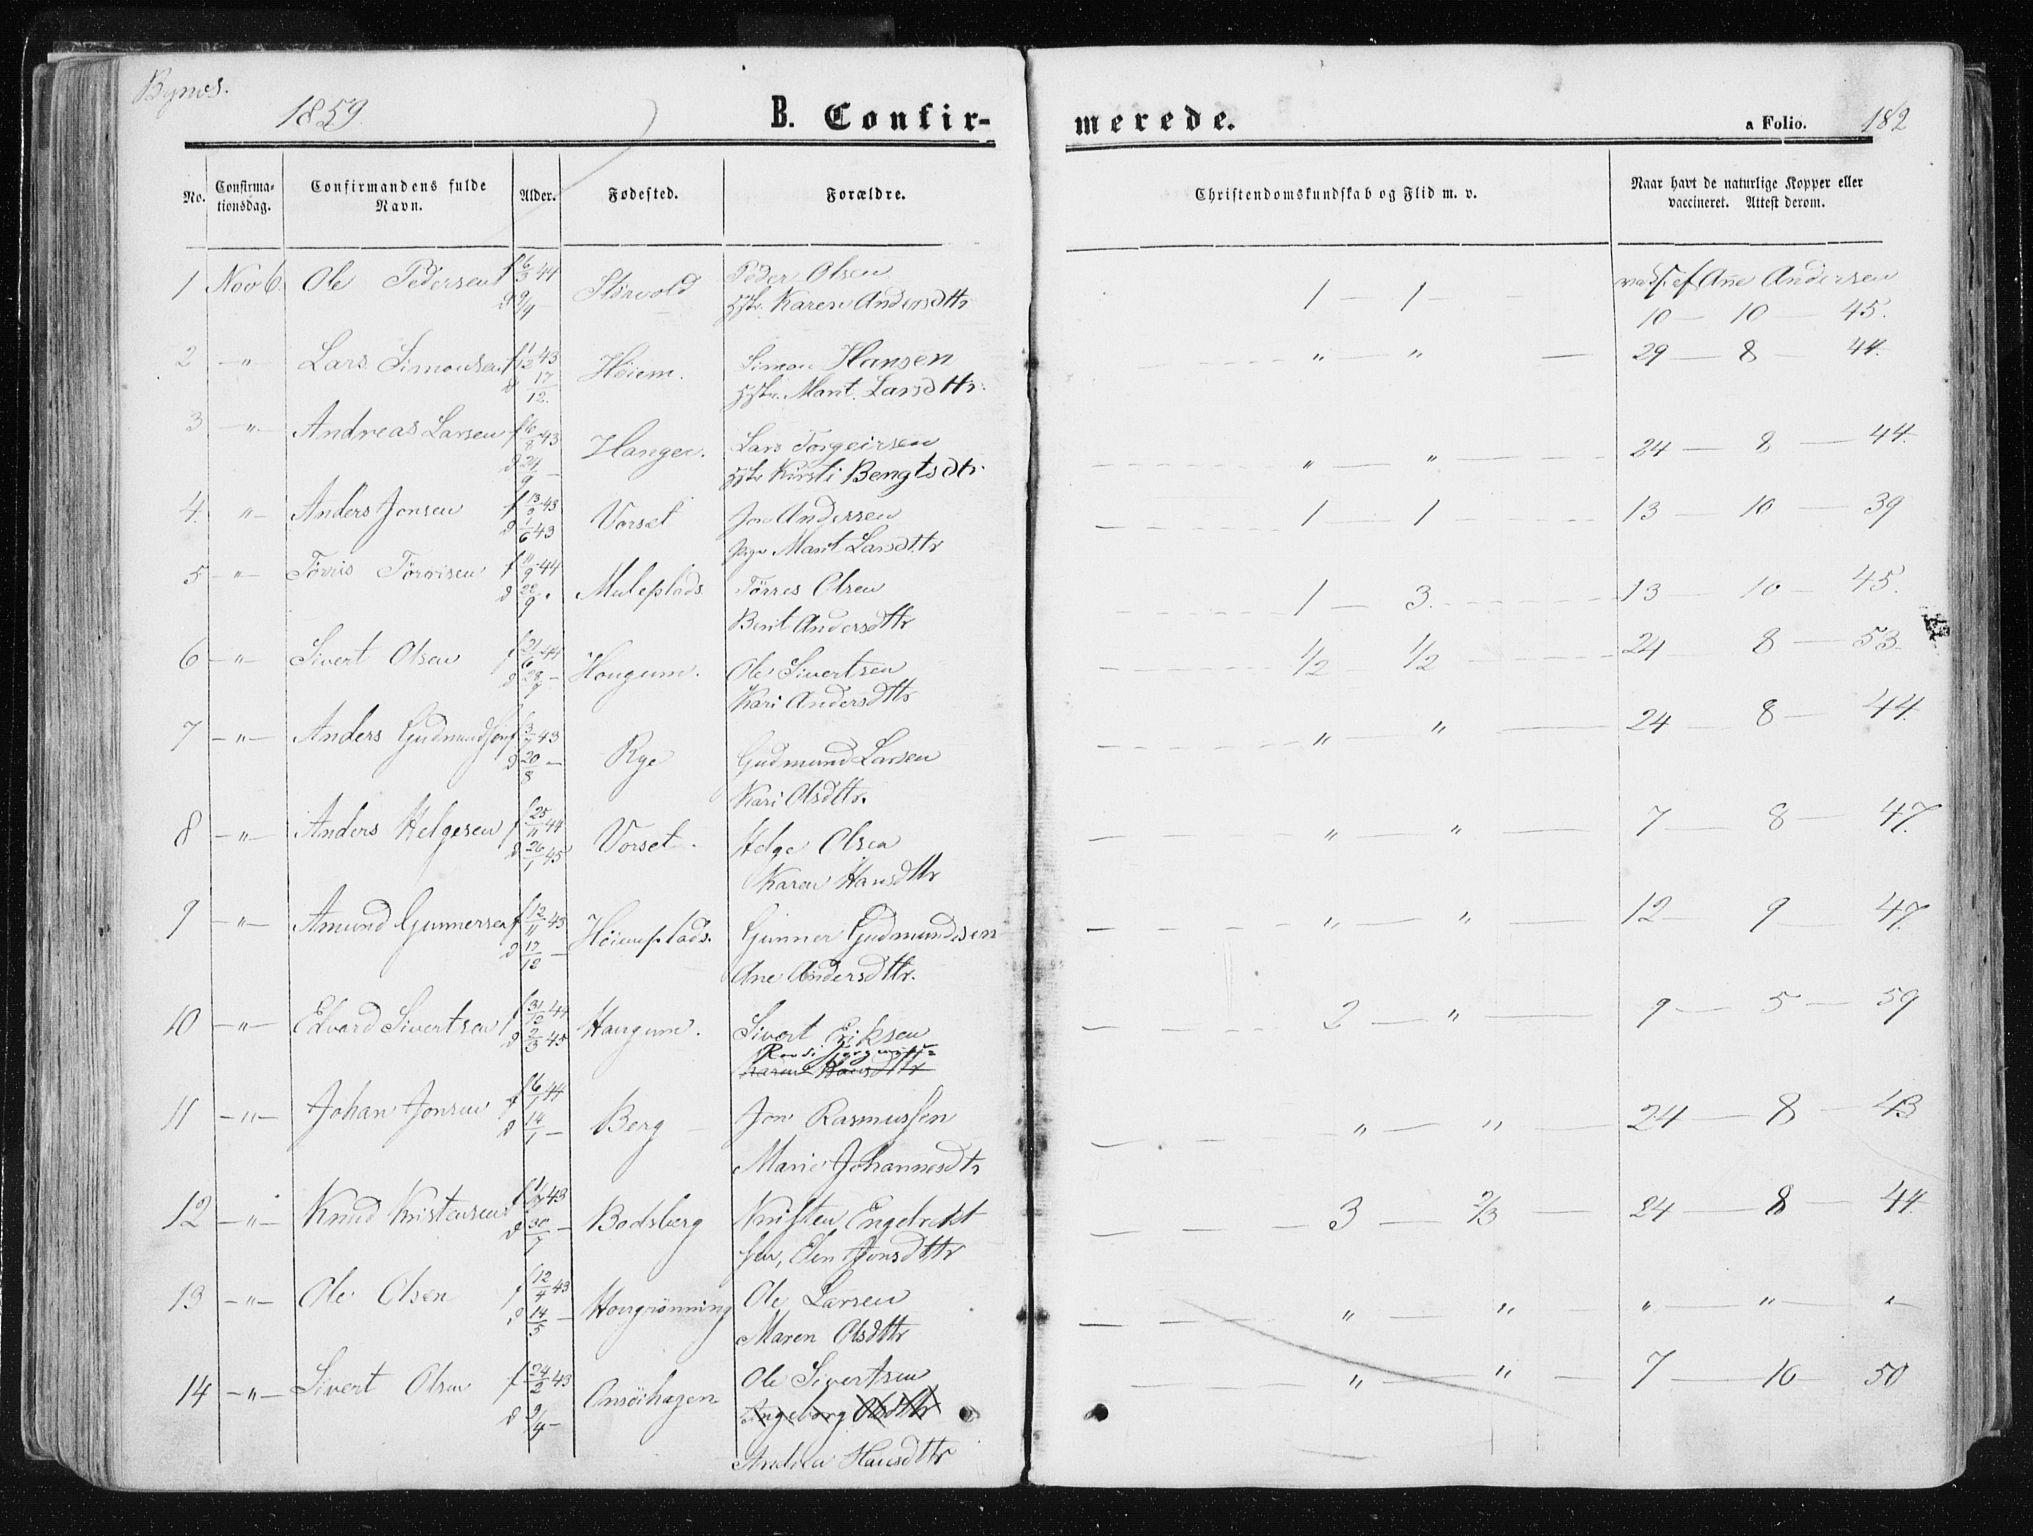 SAT, Ministerialprotokoller, klokkerbøker og fødselsregistre - Sør-Trøndelag, 612/L0377: Ministerialbok nr. 612A09, 1859-1877, s. 182